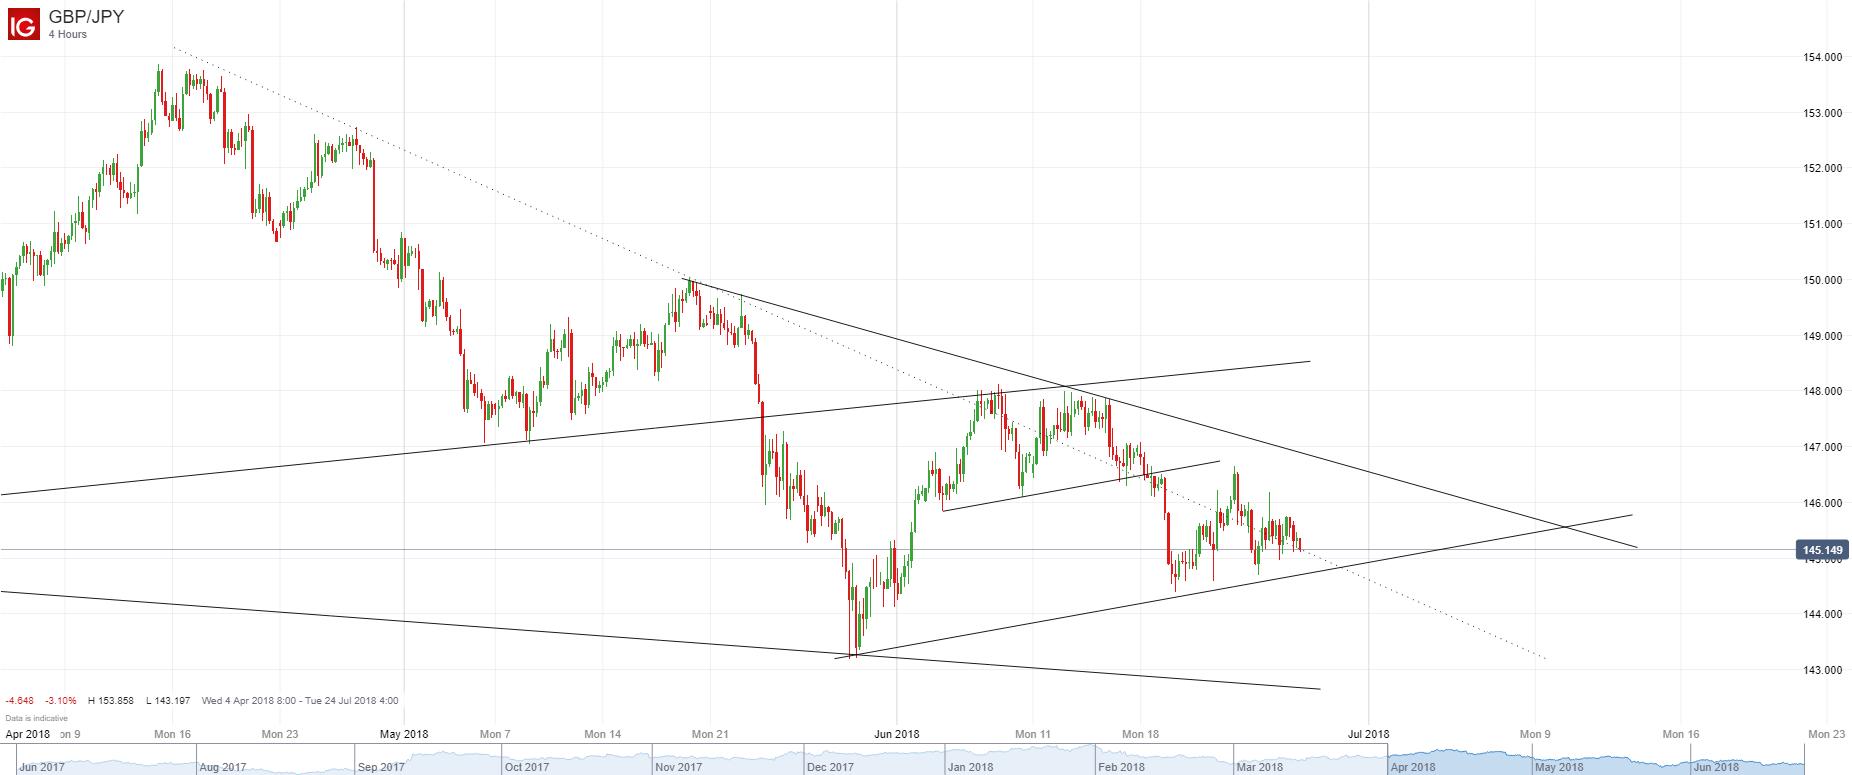 英鎊/日元:仍在三角形整理下軌附近,傾向下破後做空